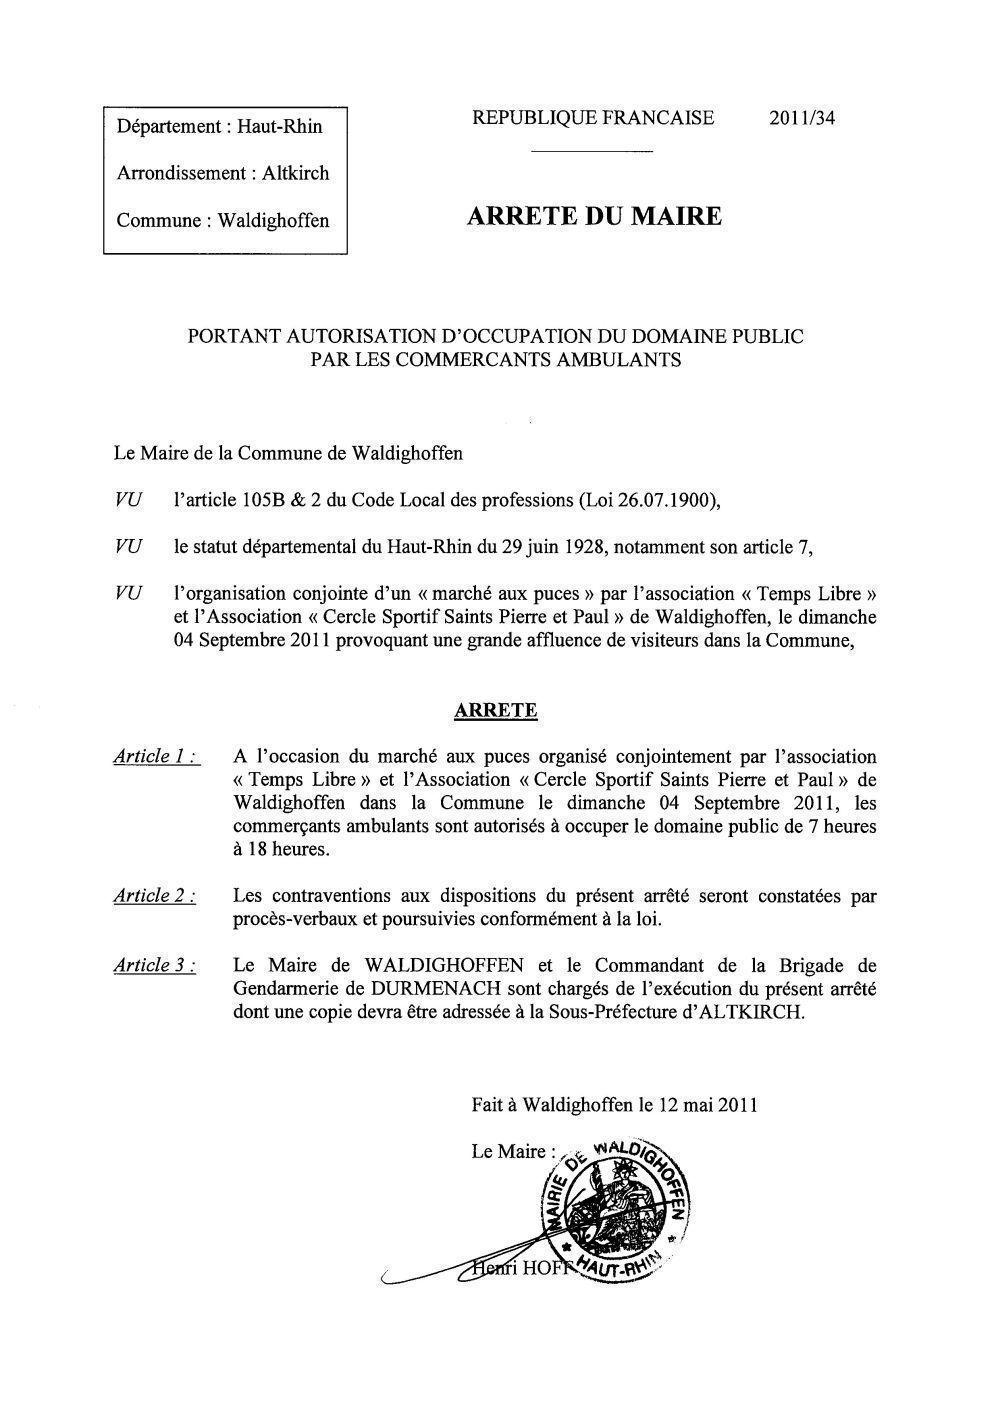 Arrêté du Maire n°2011/34 - Occupation  des commercants ambulants